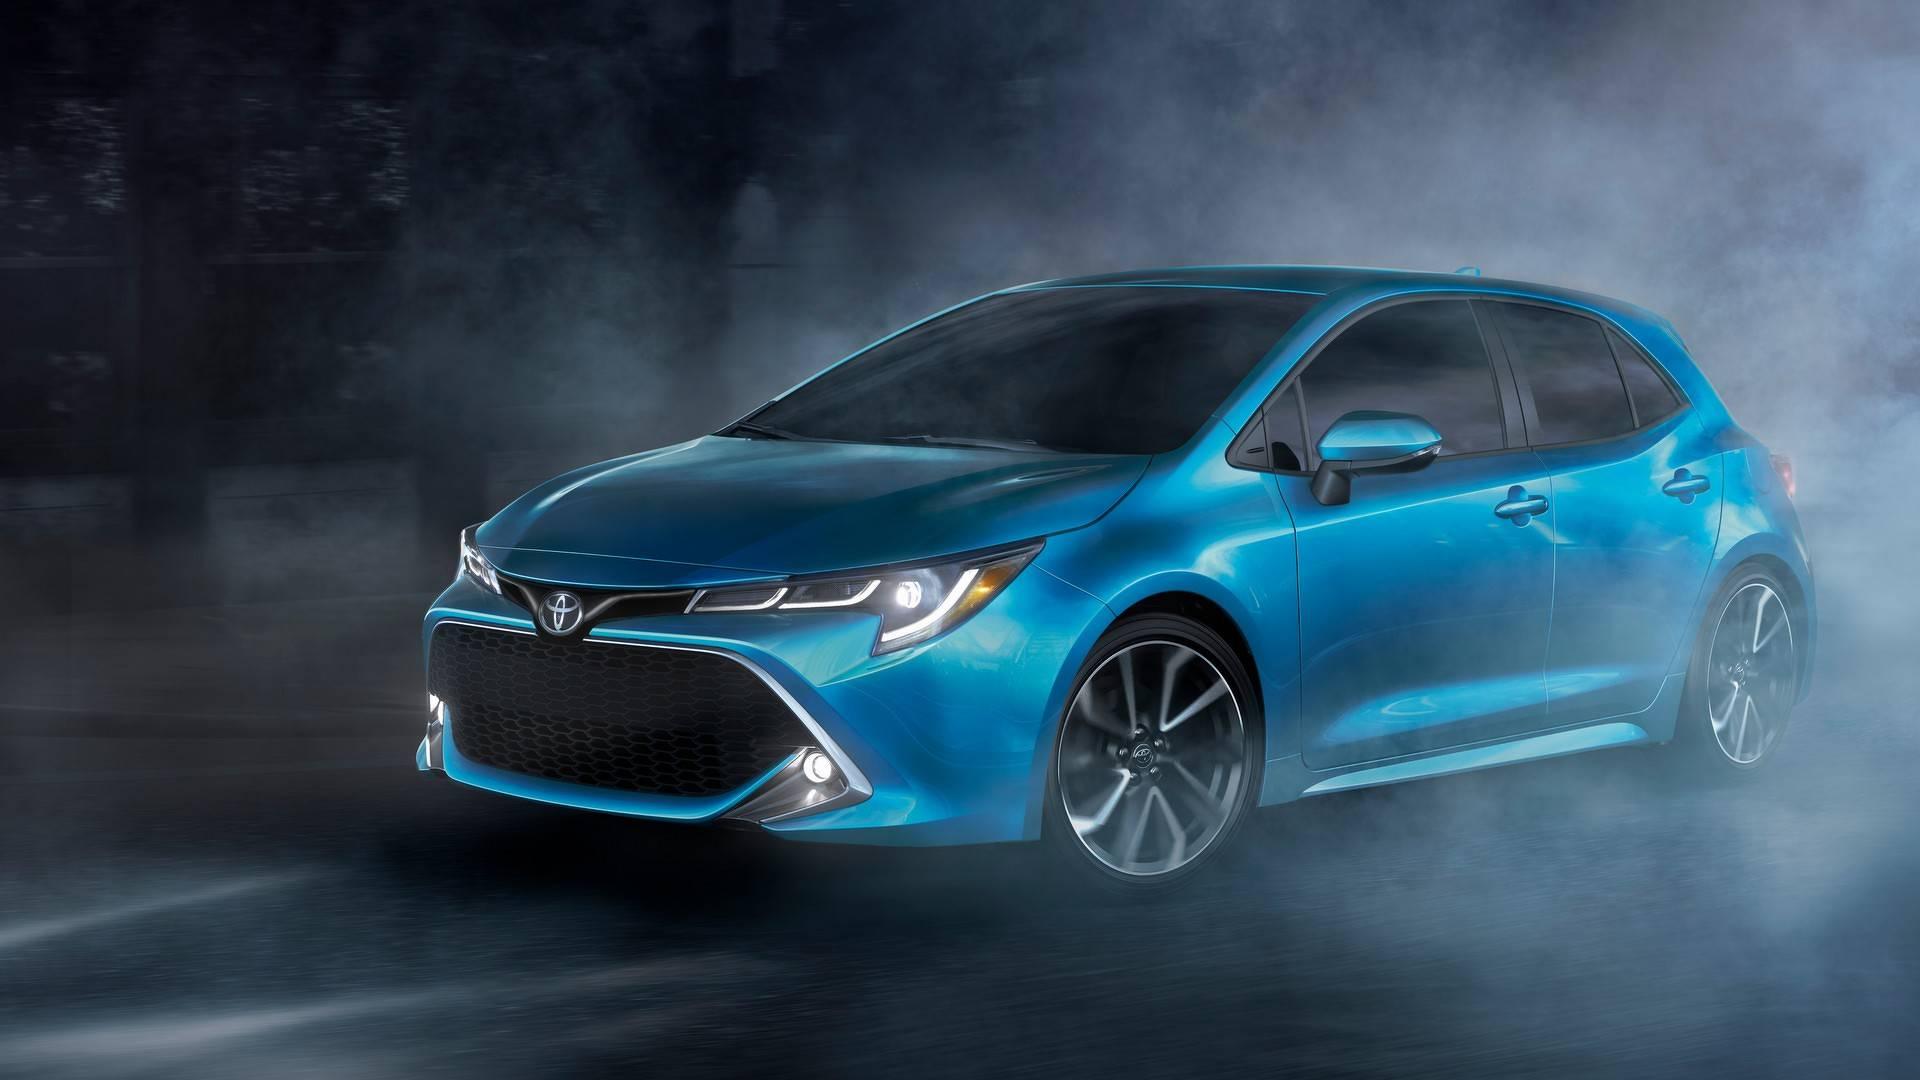 Nova geração do <strong>Toyota Corolla Hatchback</strong> compartilha plataforma com o Prius